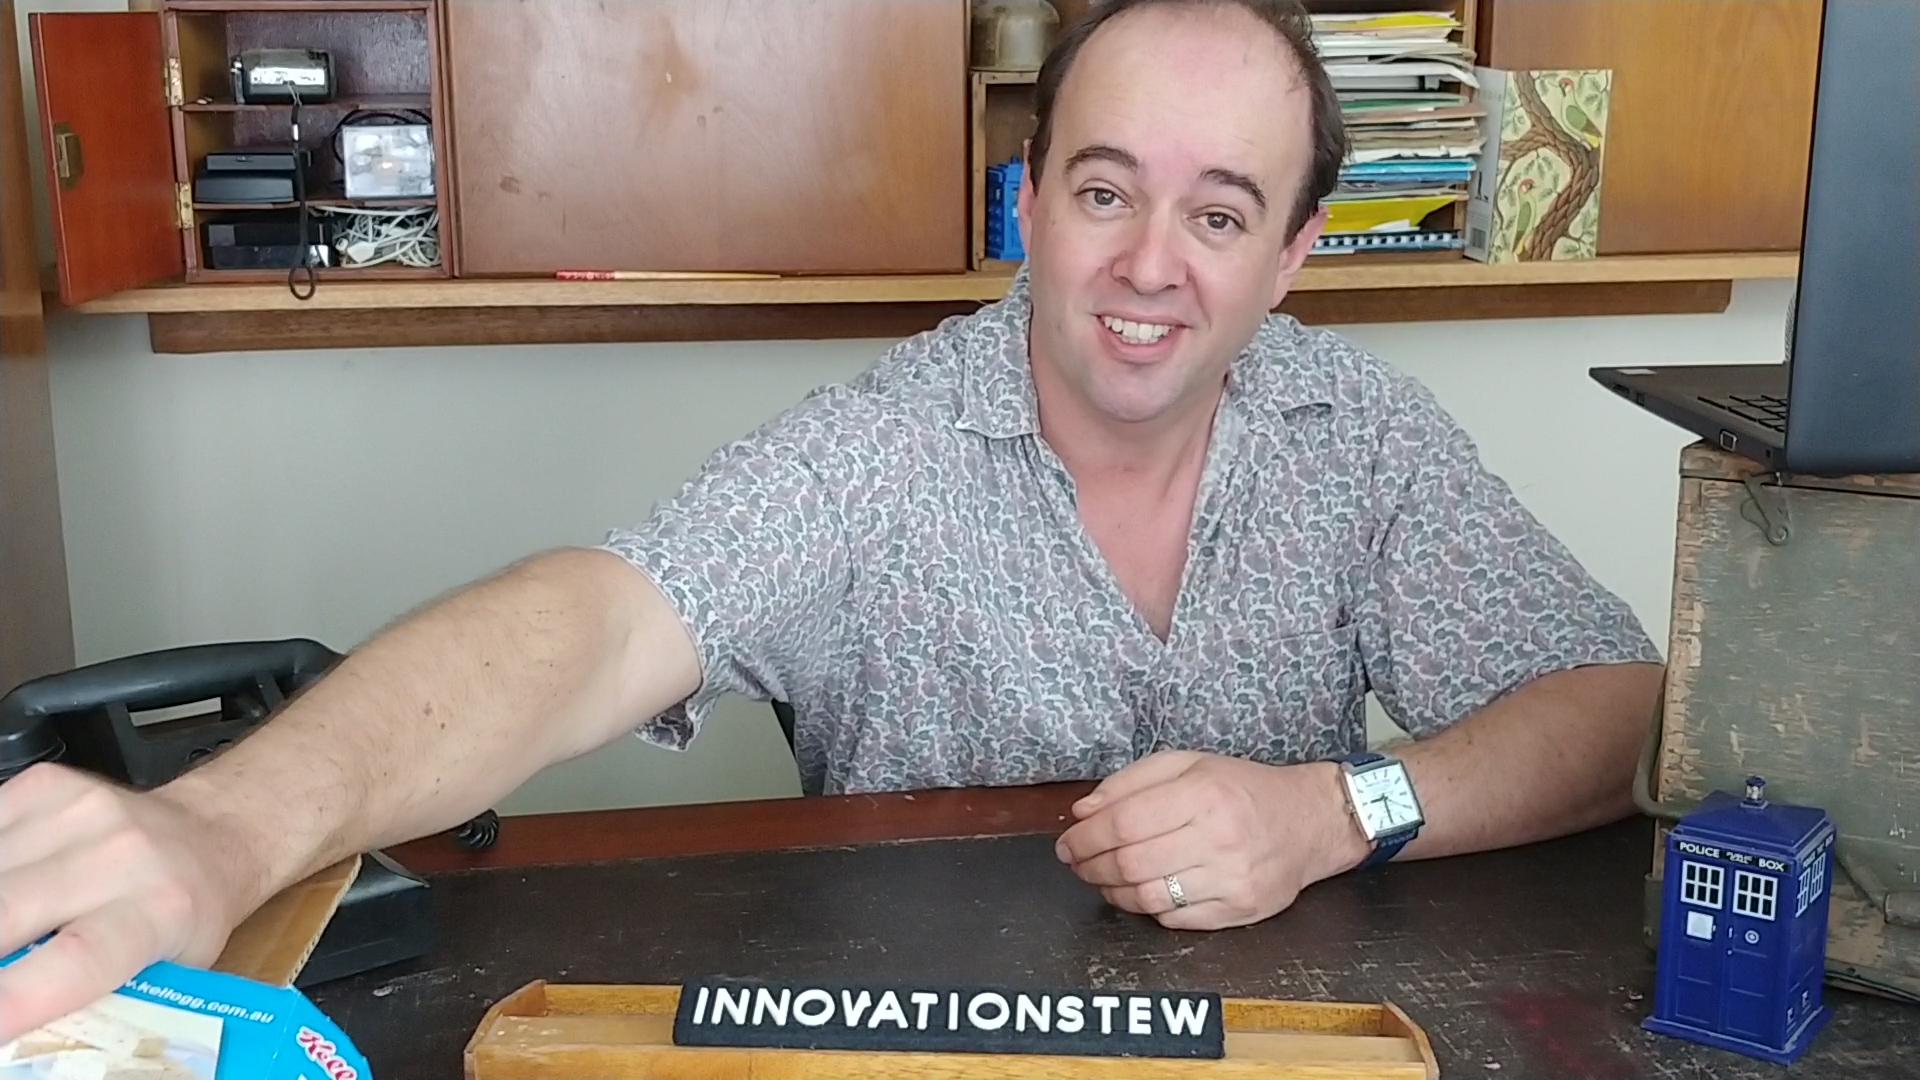 Jonathan Stilts CNRL Library Innovation Studio